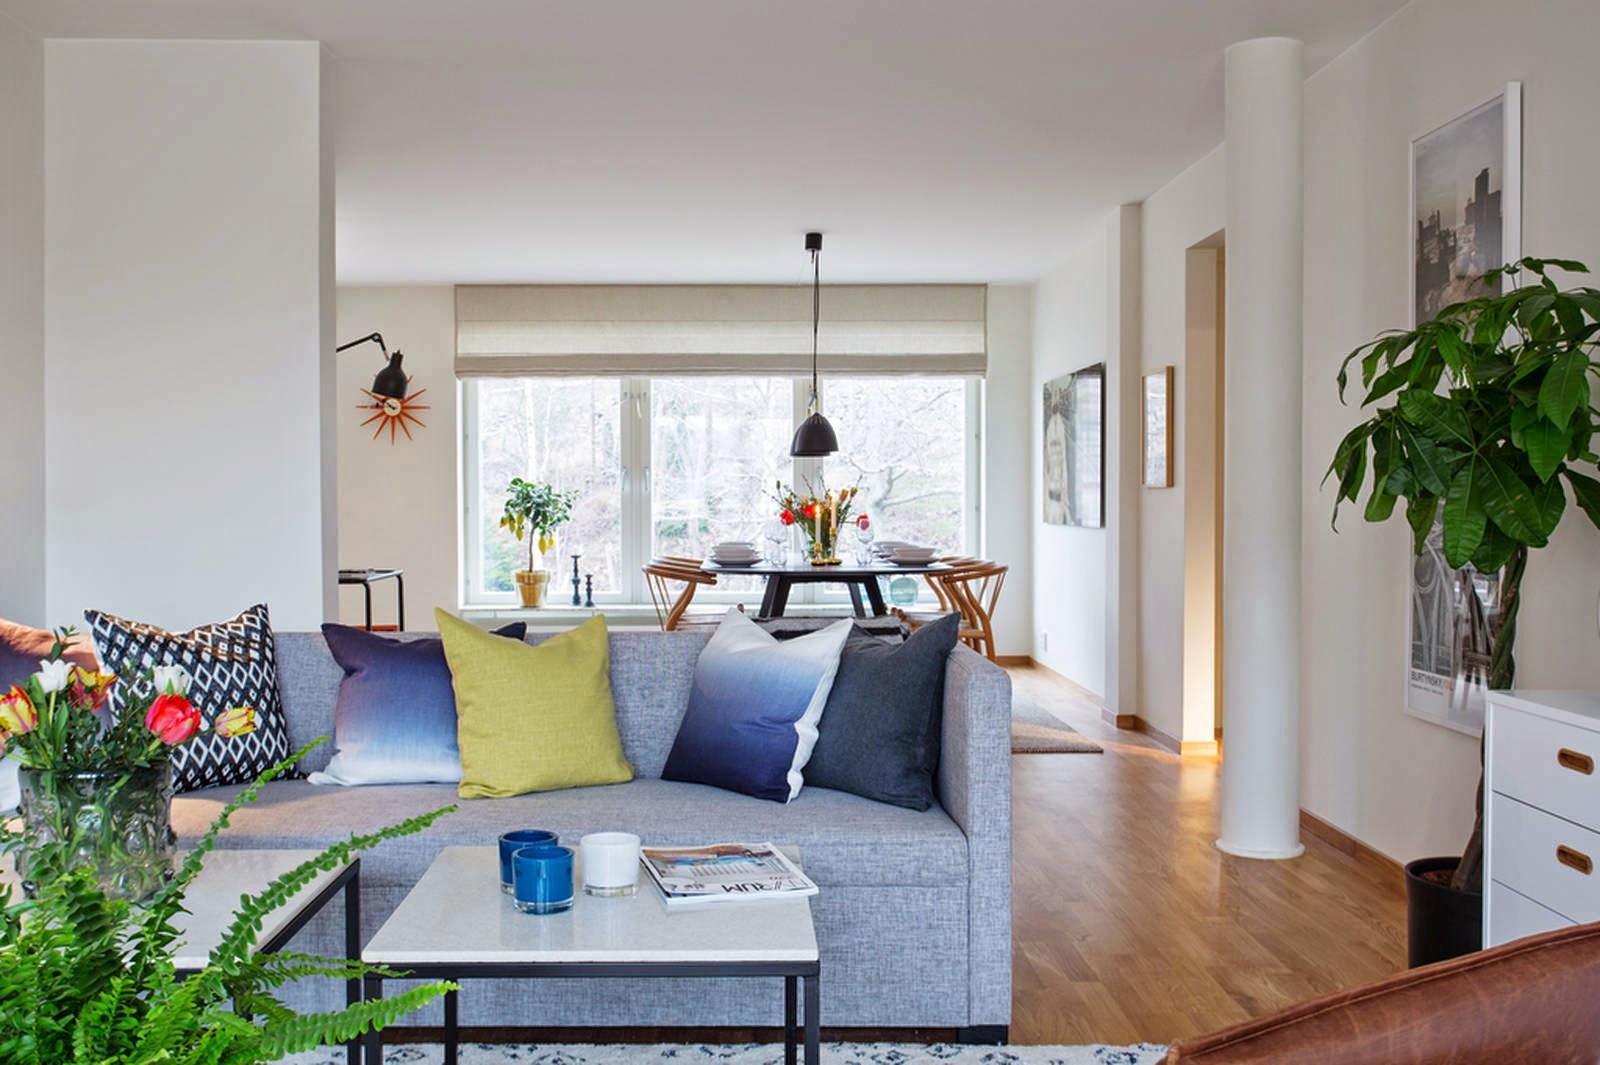 El blog de demarques un elegante piso de estilo escandinavo - Piso estilo nordico ...